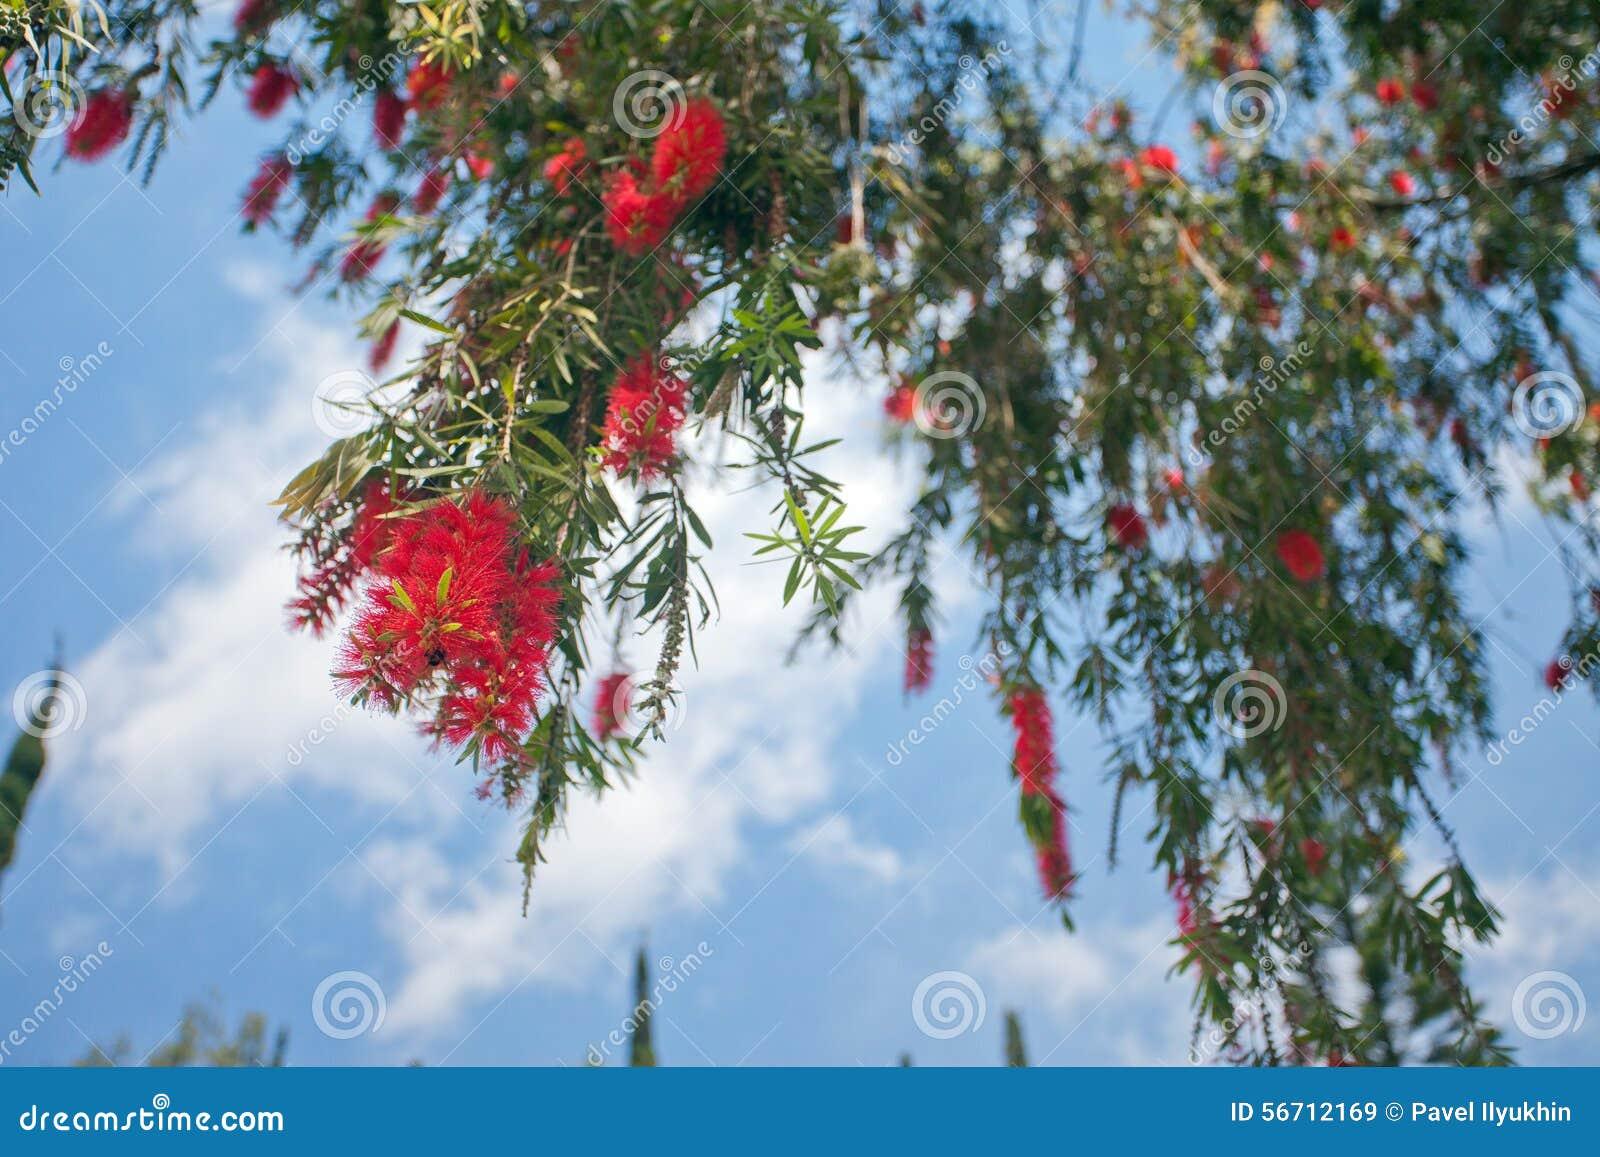 Arbre tropical avec les fleurs rouges photo stock image 56712169 - Arbres a fleurs rouges ...